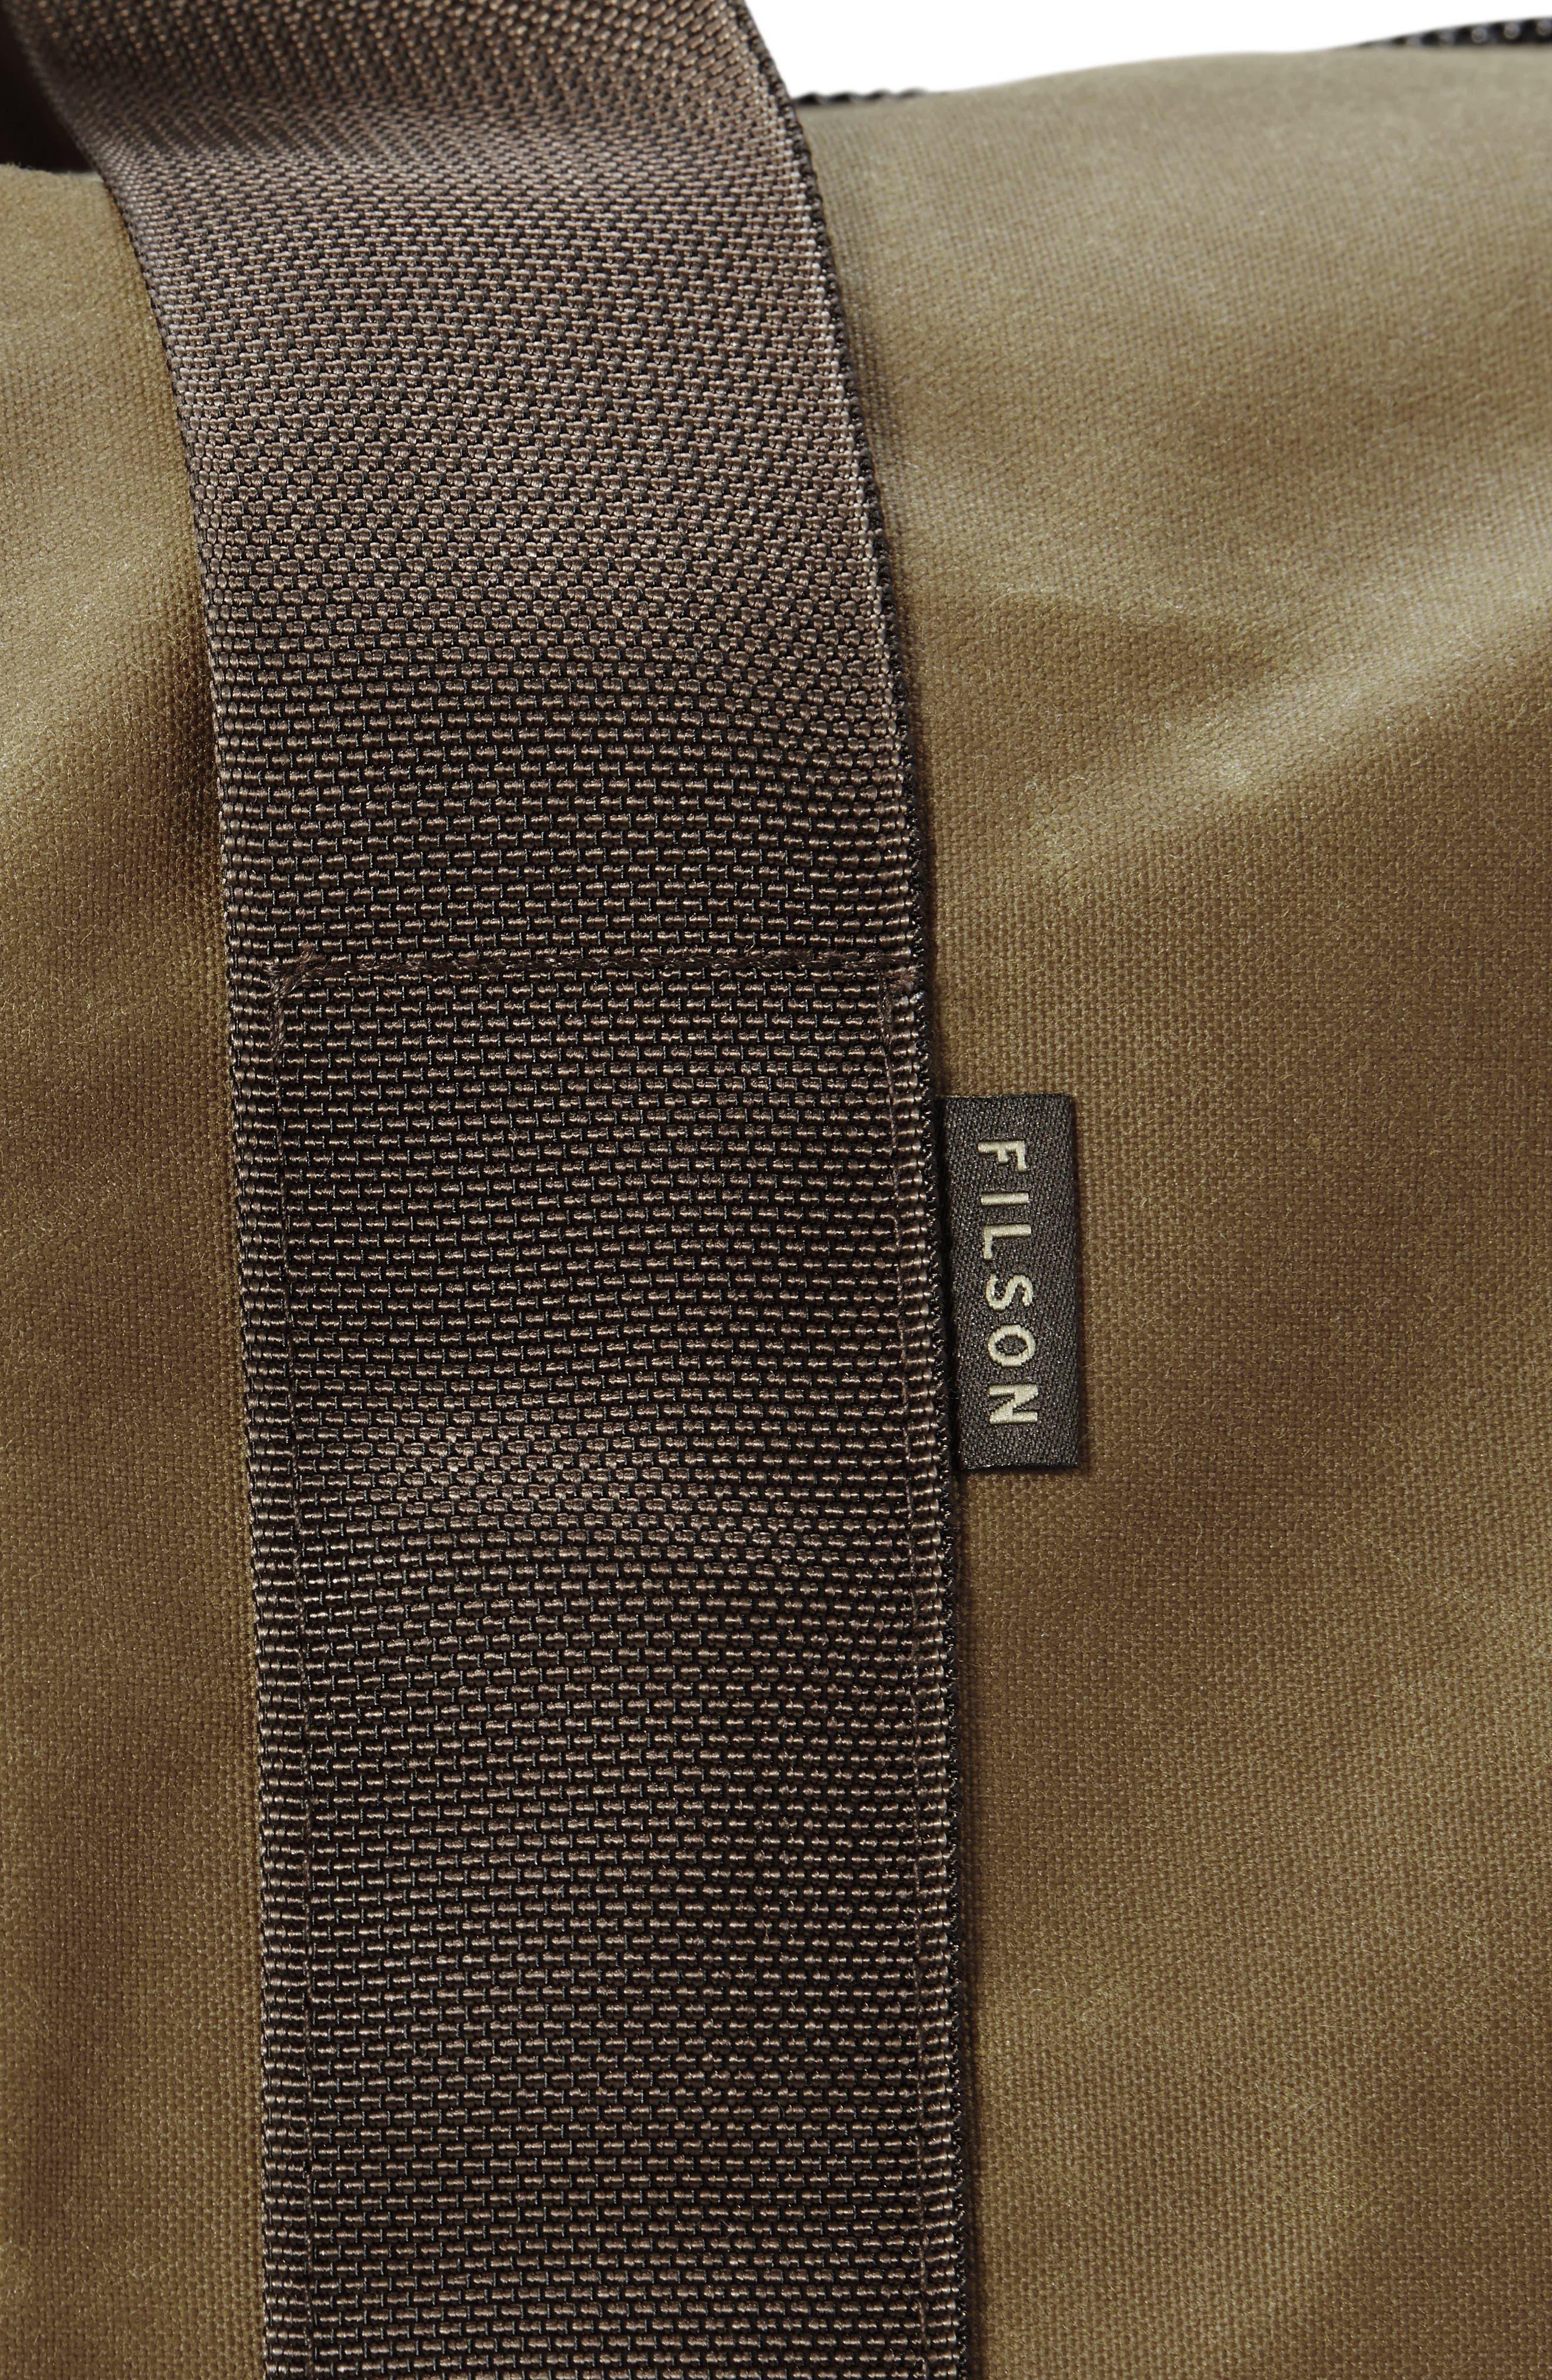 Medium Field Duffel Bag,                             Alternate thumbnail 4, color,                             DARK TAN